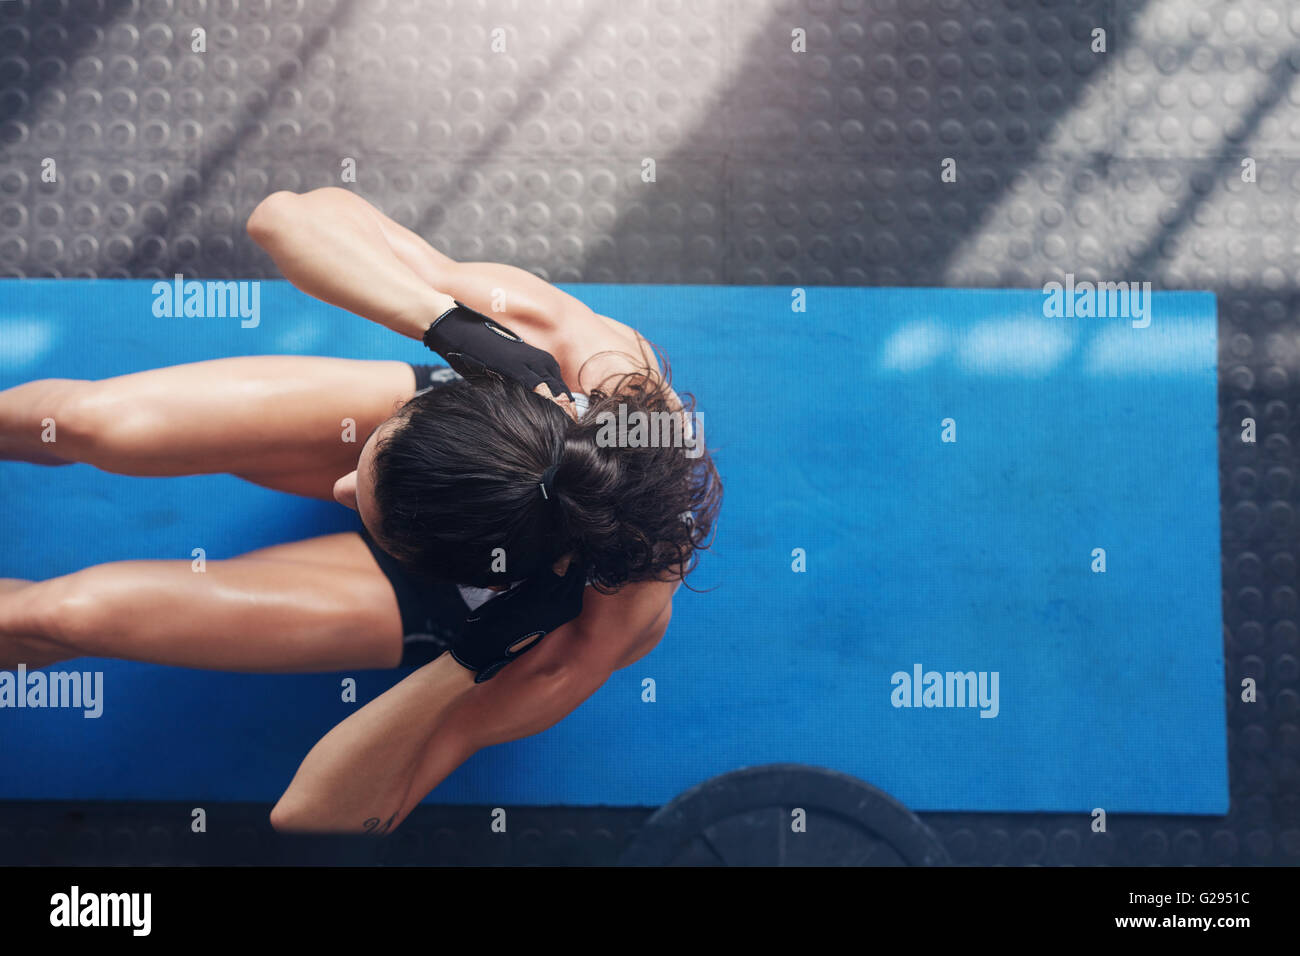 Vista aérea de mujeres trabajando en el gimnasio. Musculoso joven haciendo sentarse ups en una colchoneta de Imagen De Stock